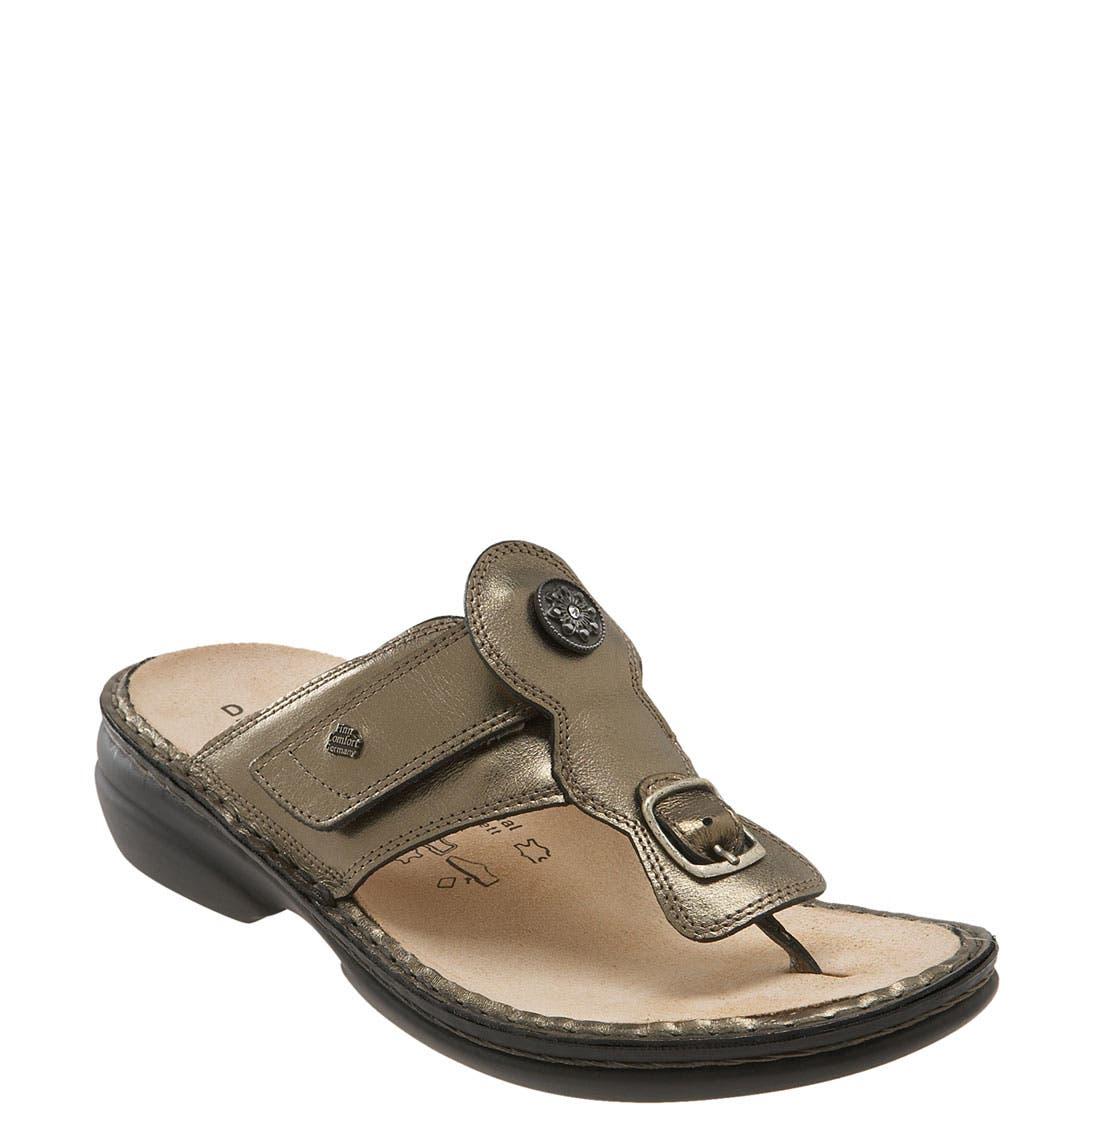 Alternate Image 1 Selected - Finn Comfort 'Wichita' Sandal